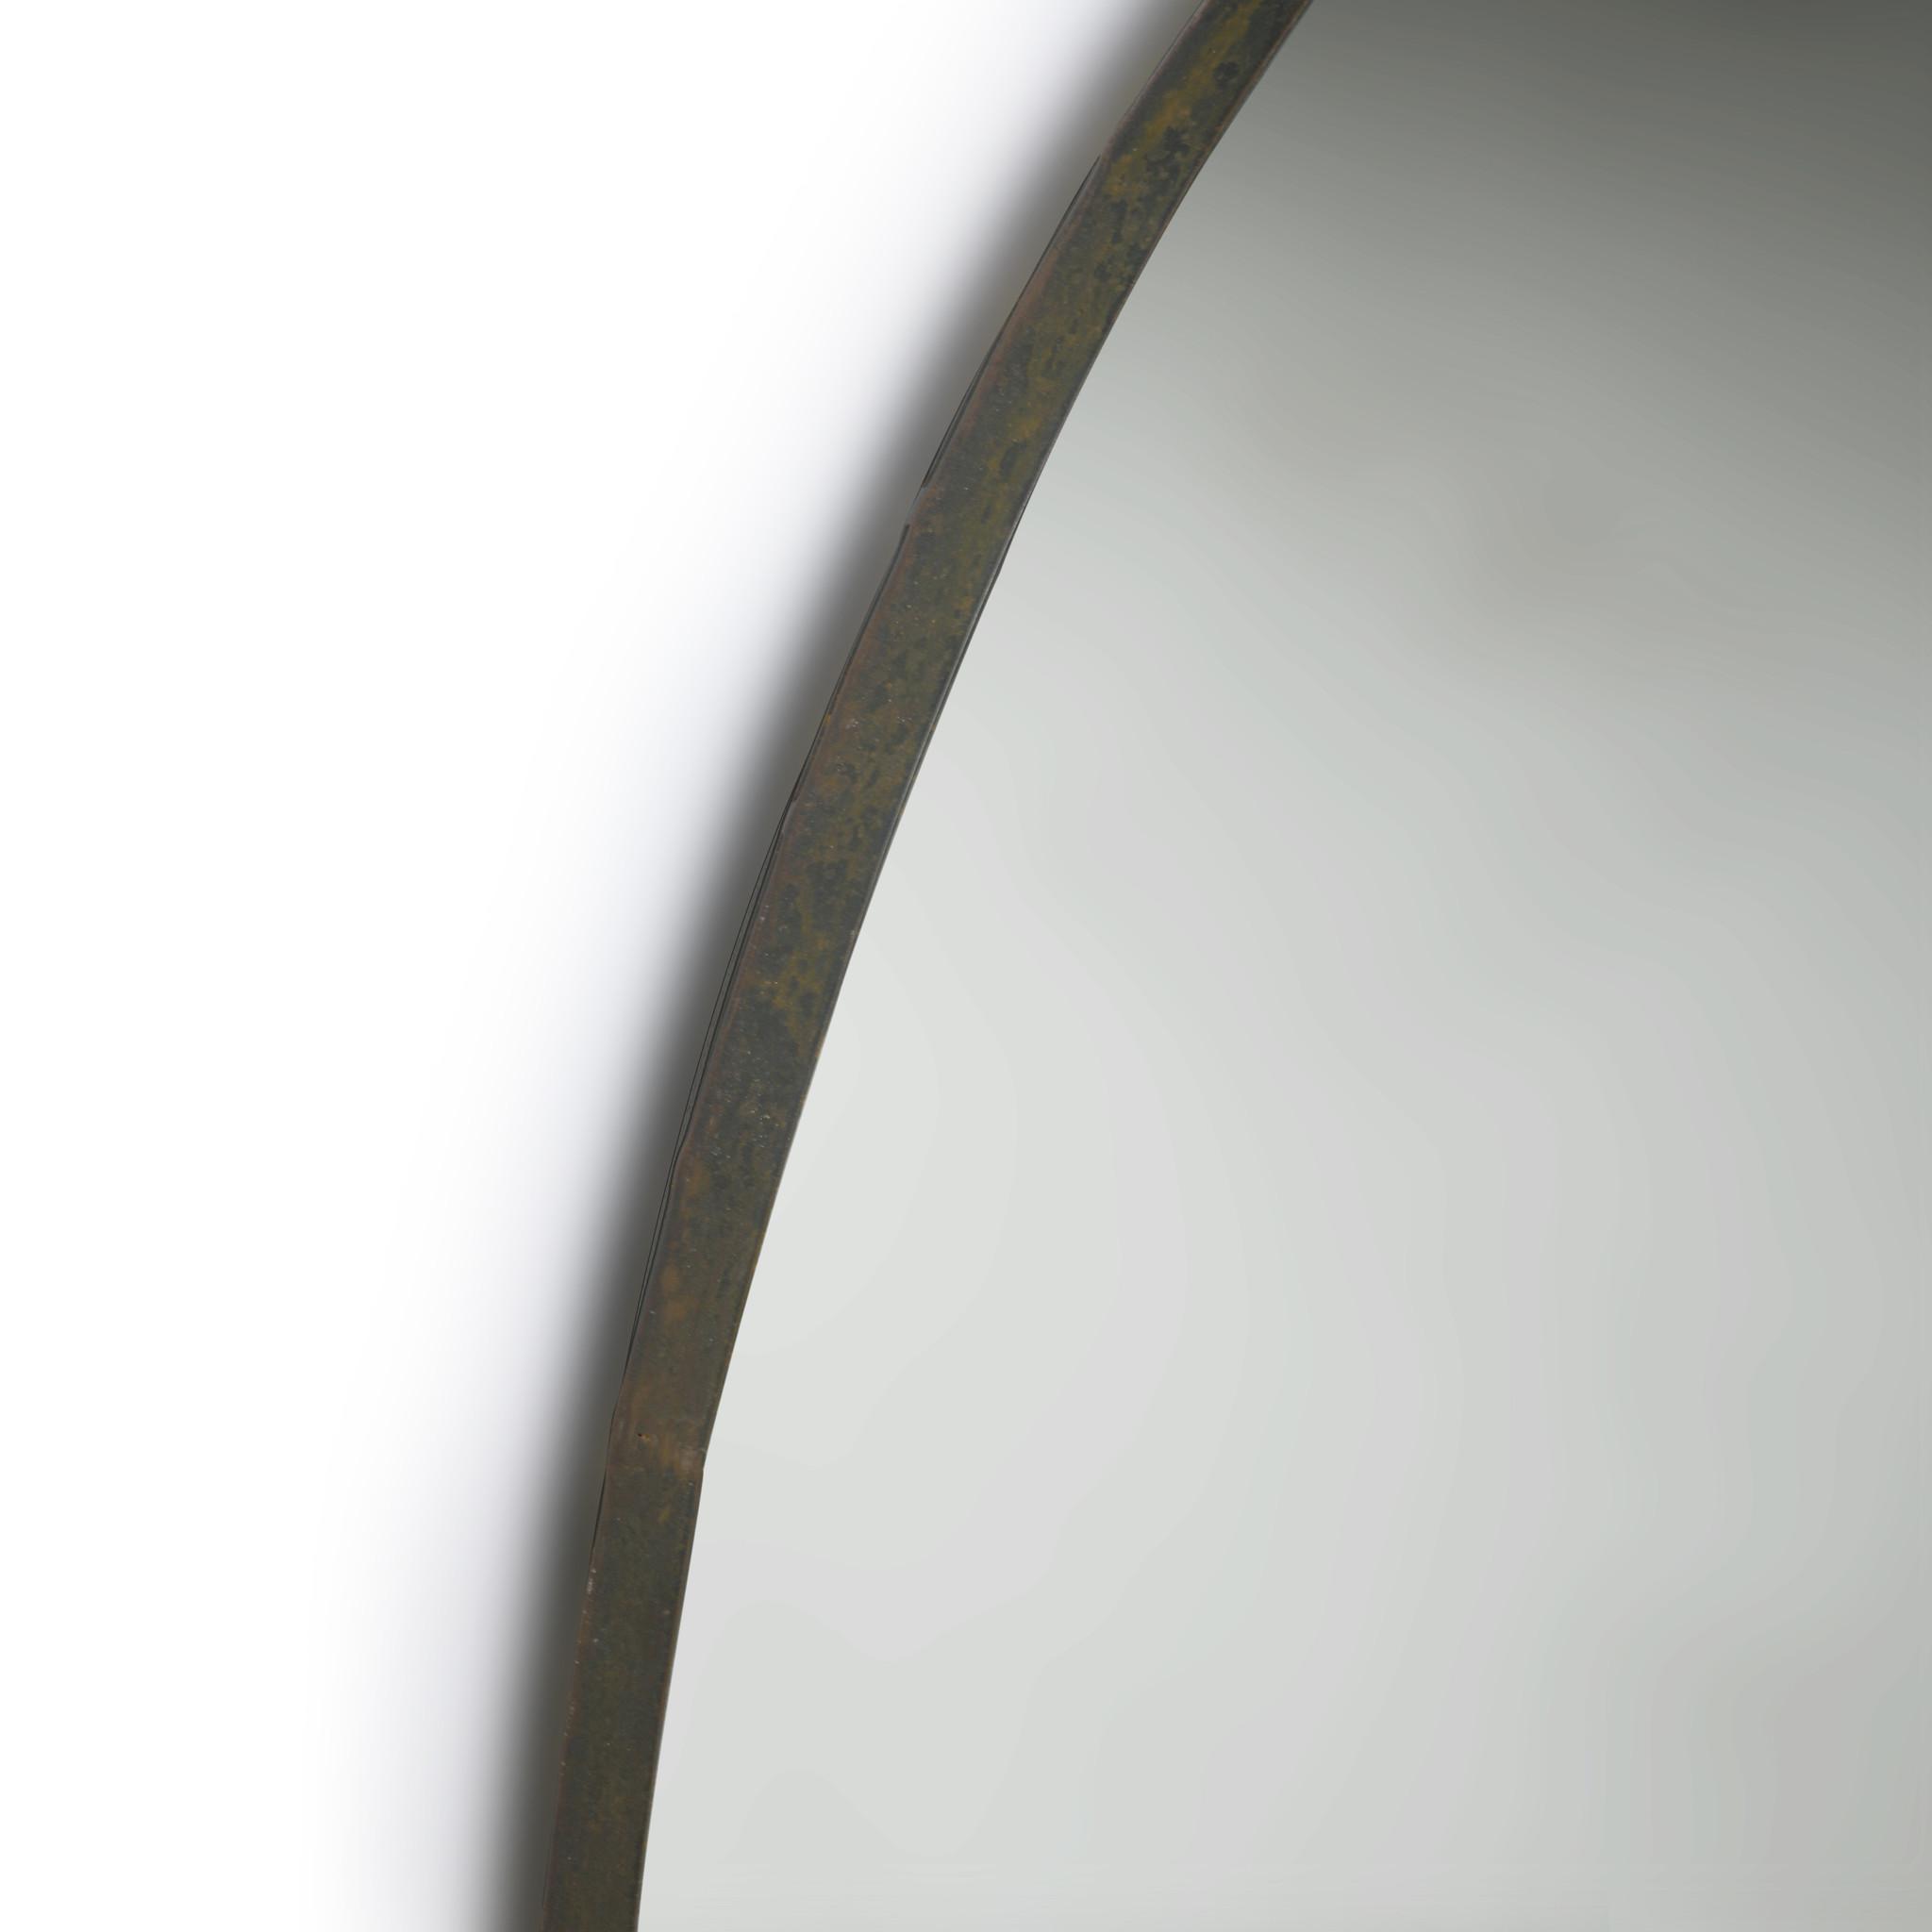 HKliving ronde metalen spiegel 80cm